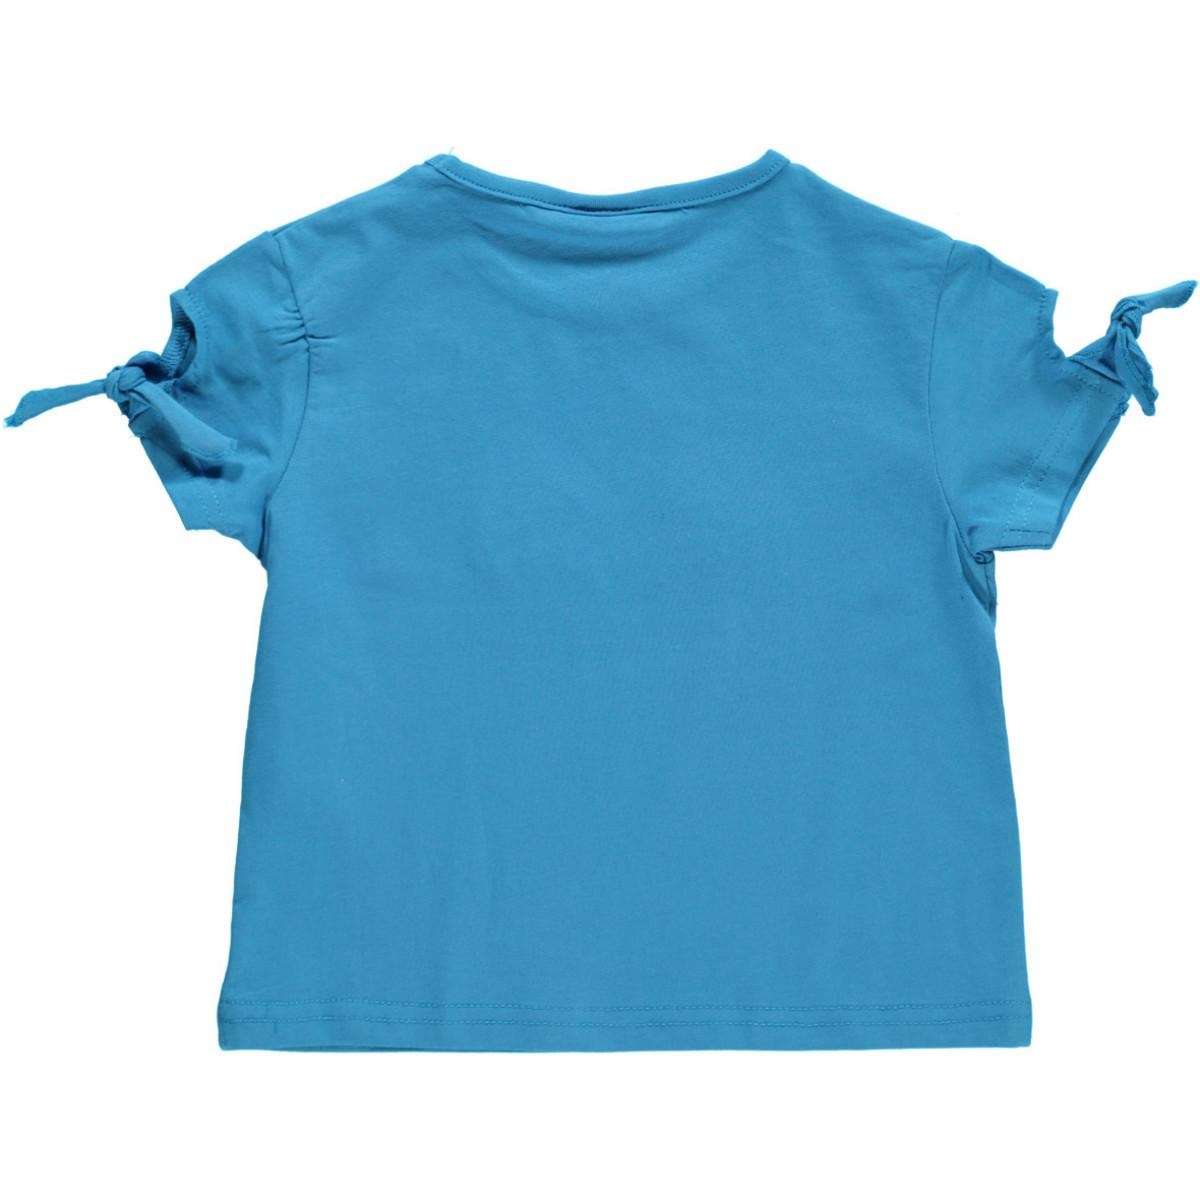 Bild 2 von Mädchen Shirt mit Frontprint